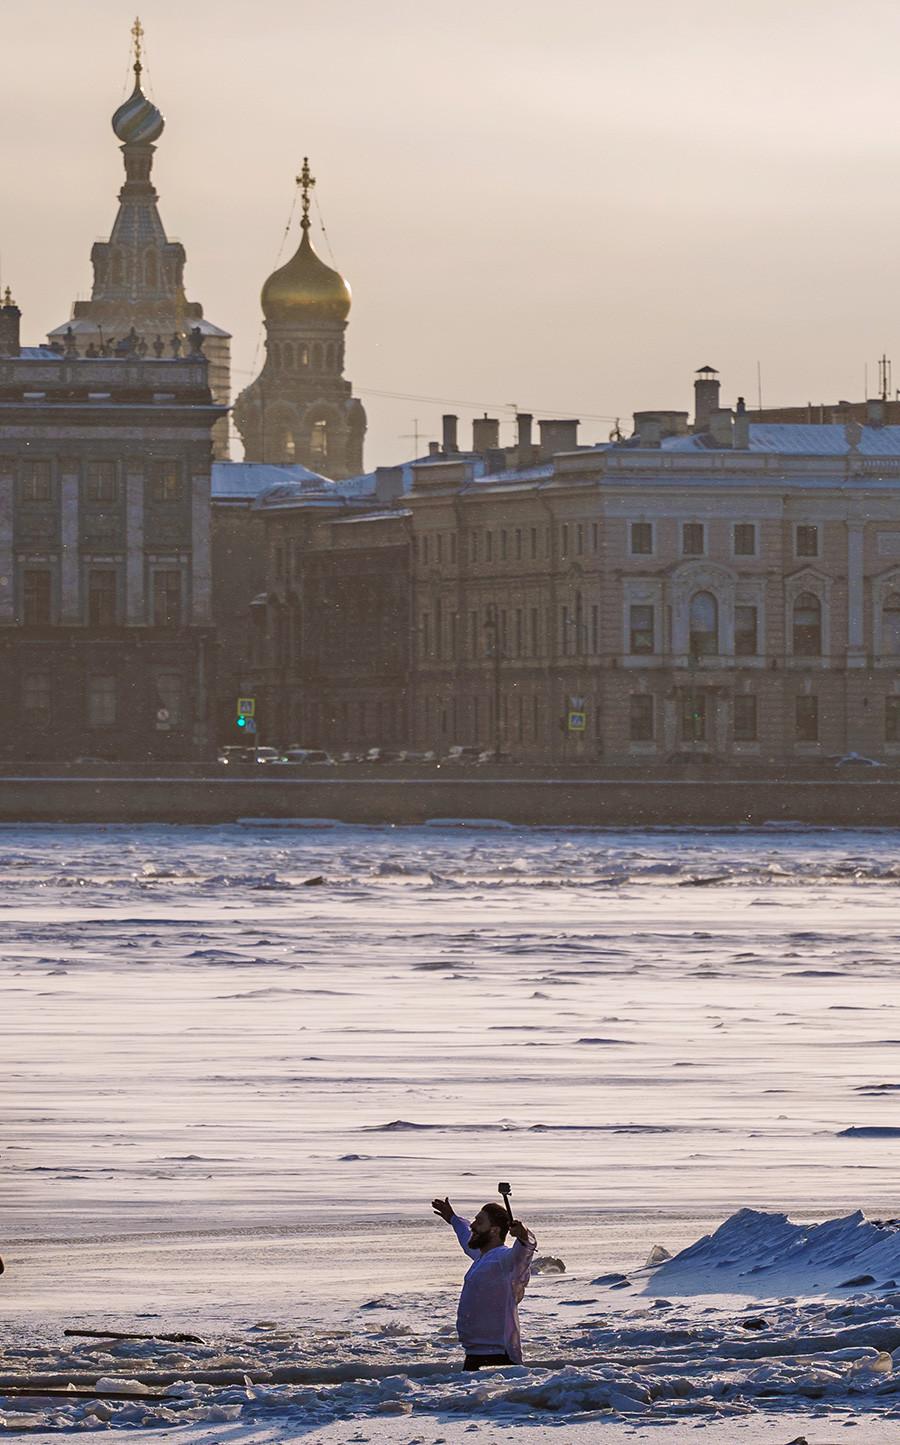 サンクトペテルブルクで水に飛び込む男性